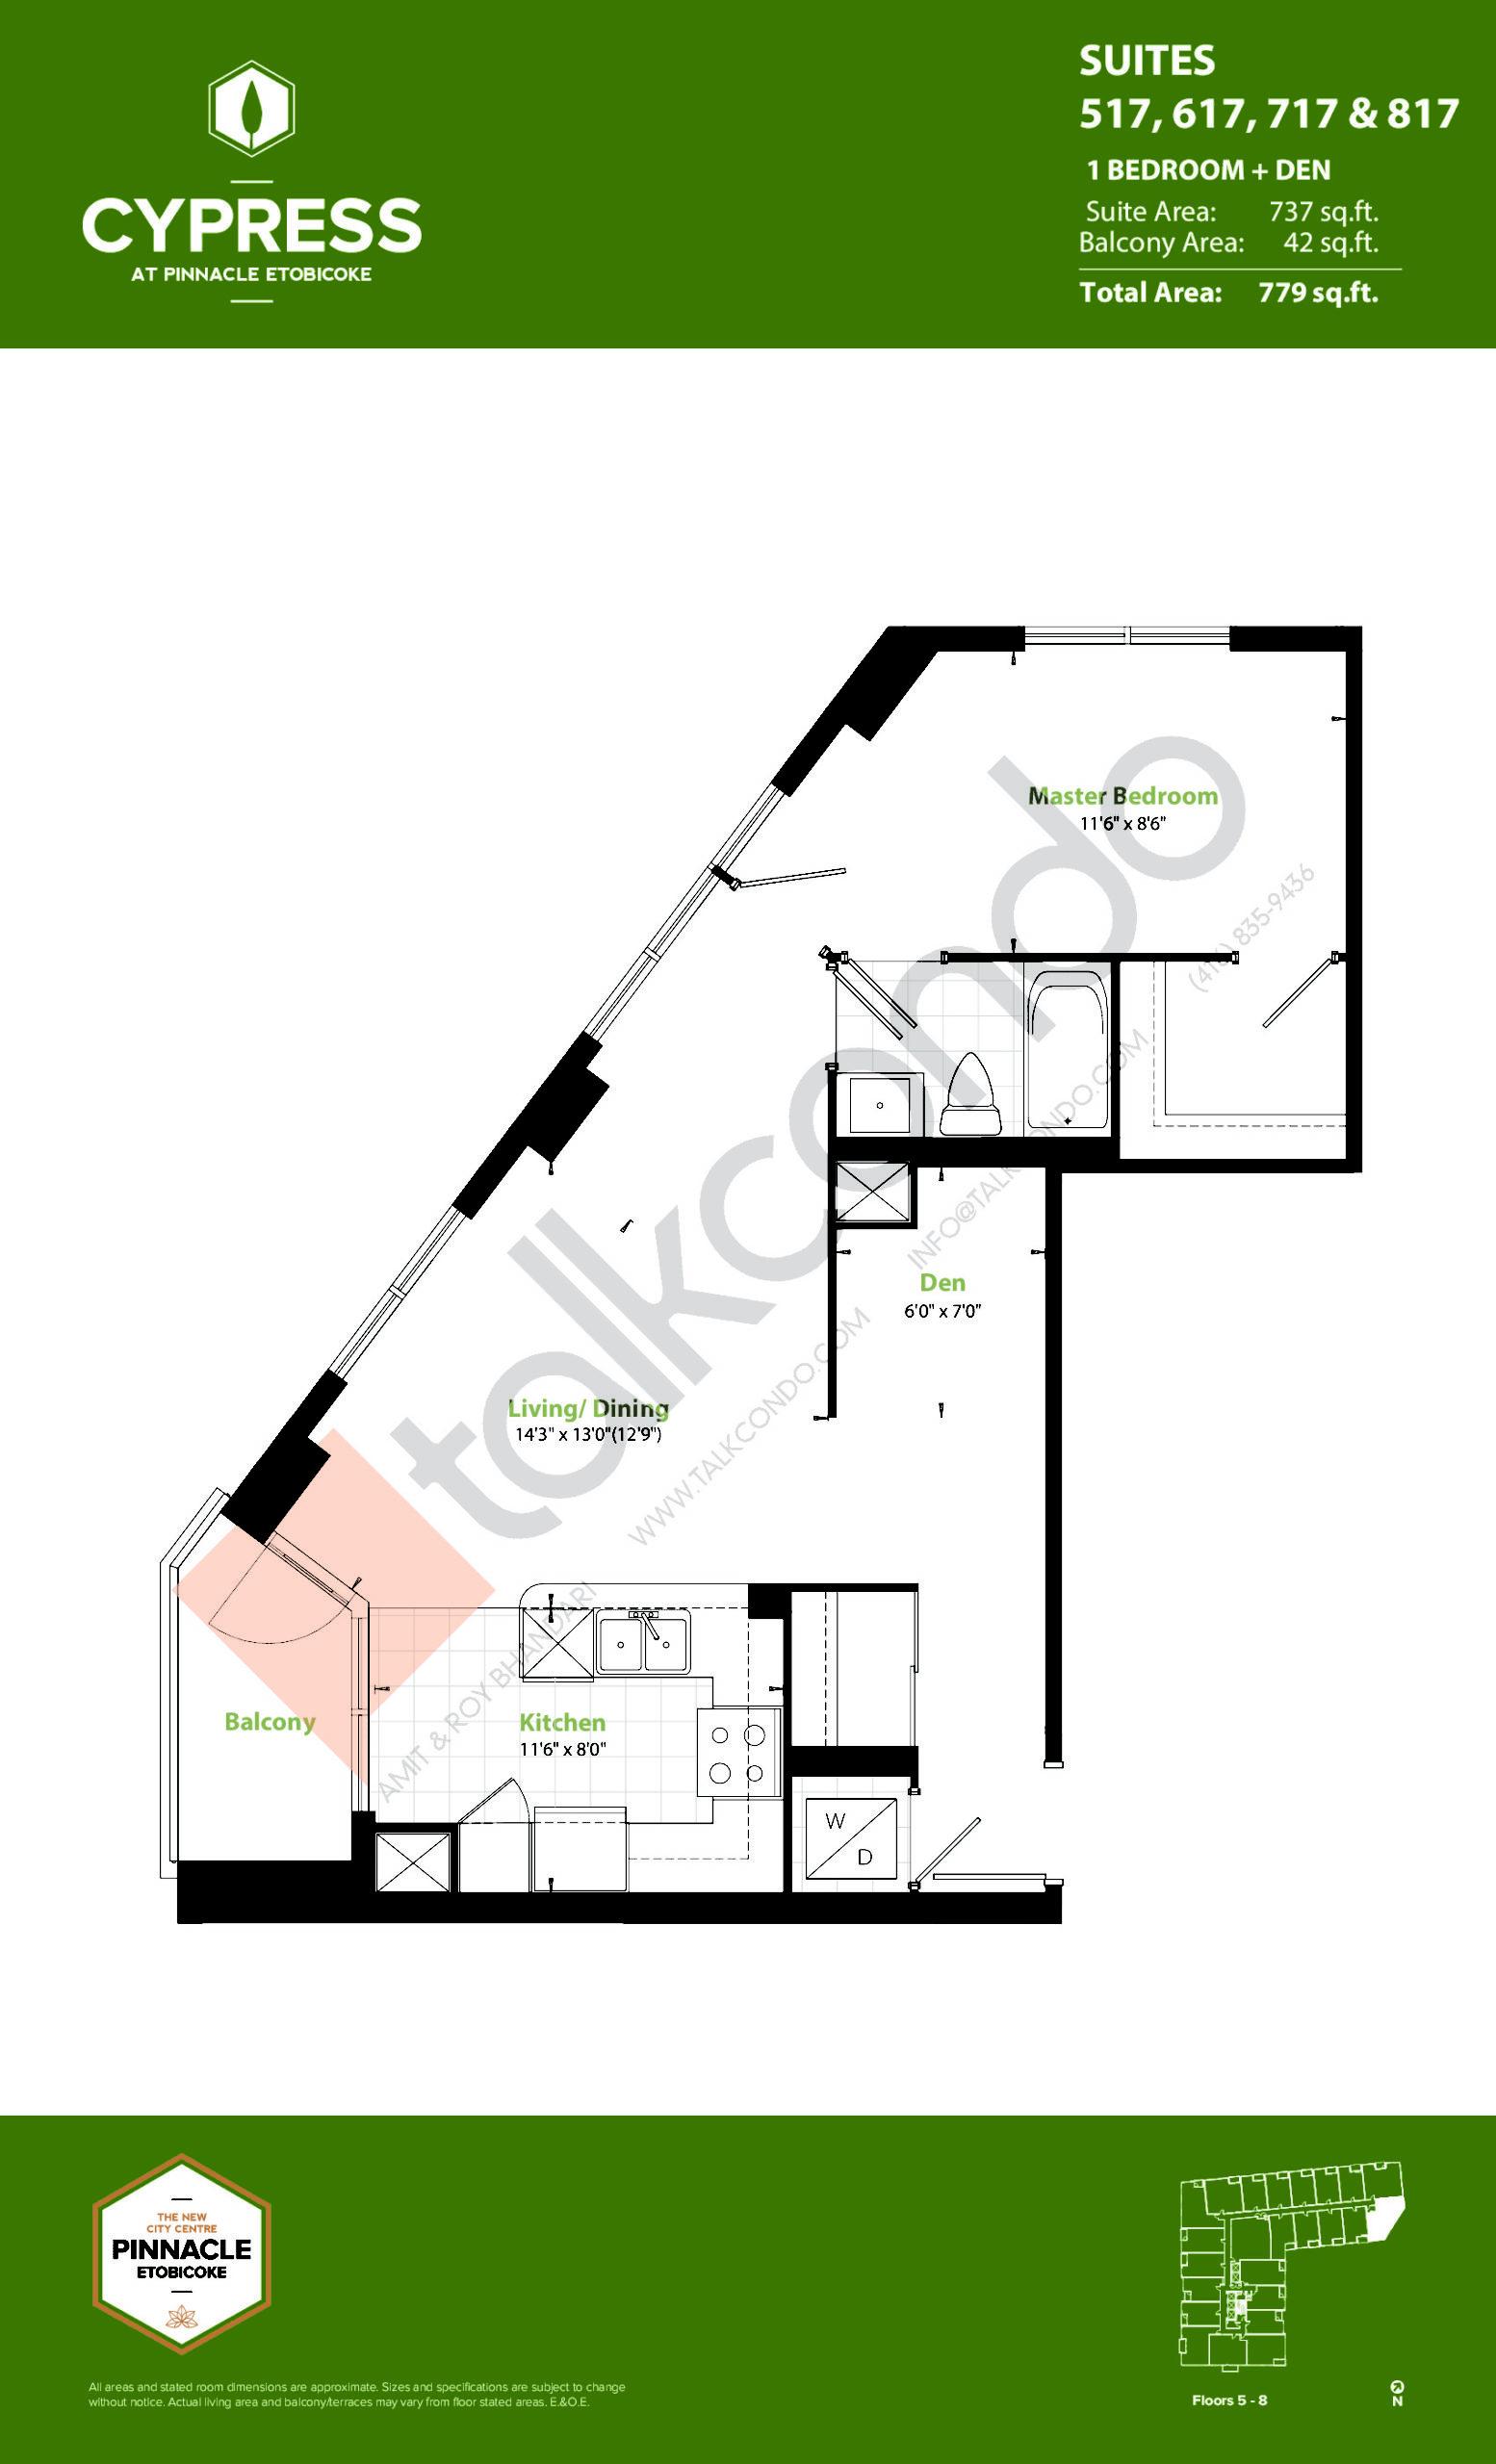 Suites 517, 617, 717 & 817 (Podium) Floor Plan at Cypress at Pinnacle Etobicoke - 737 sq.ft